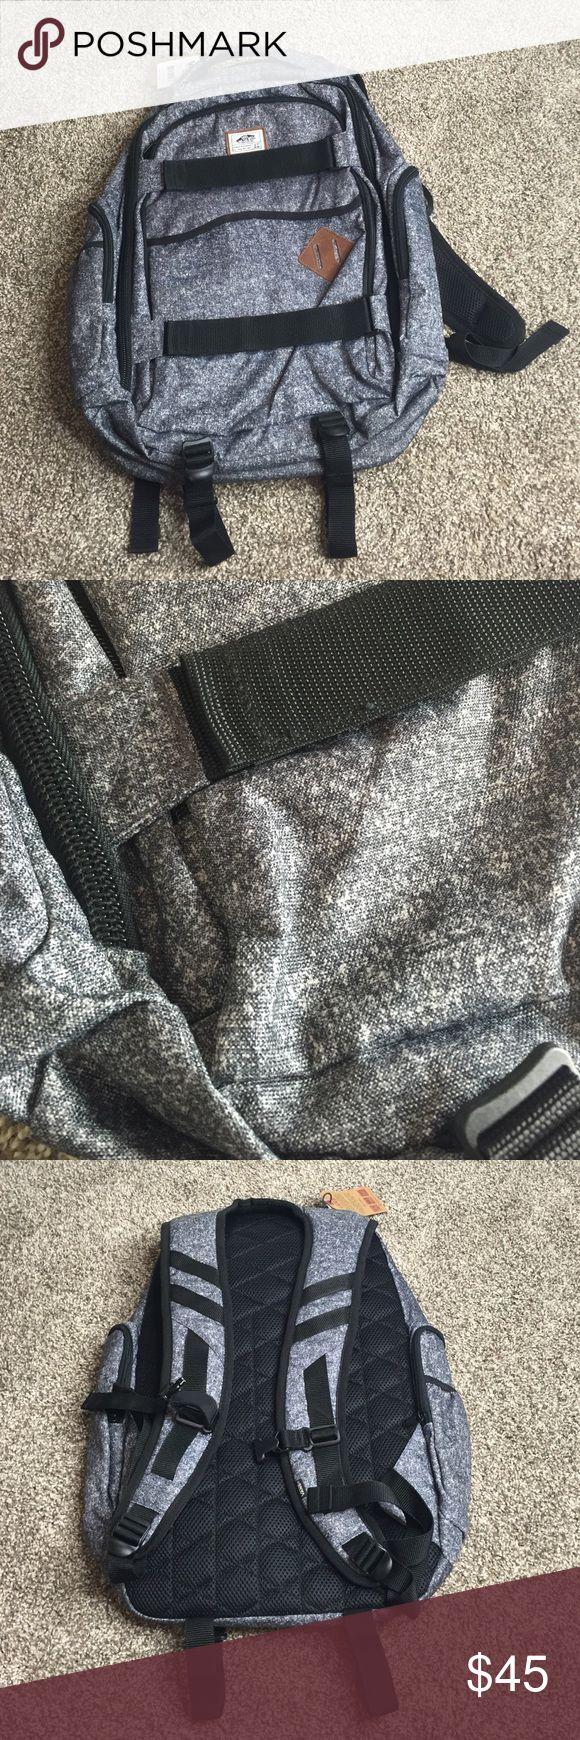 Vans Skate Backpack Vans Transient Skate Backpack Vans Bags Backpacks